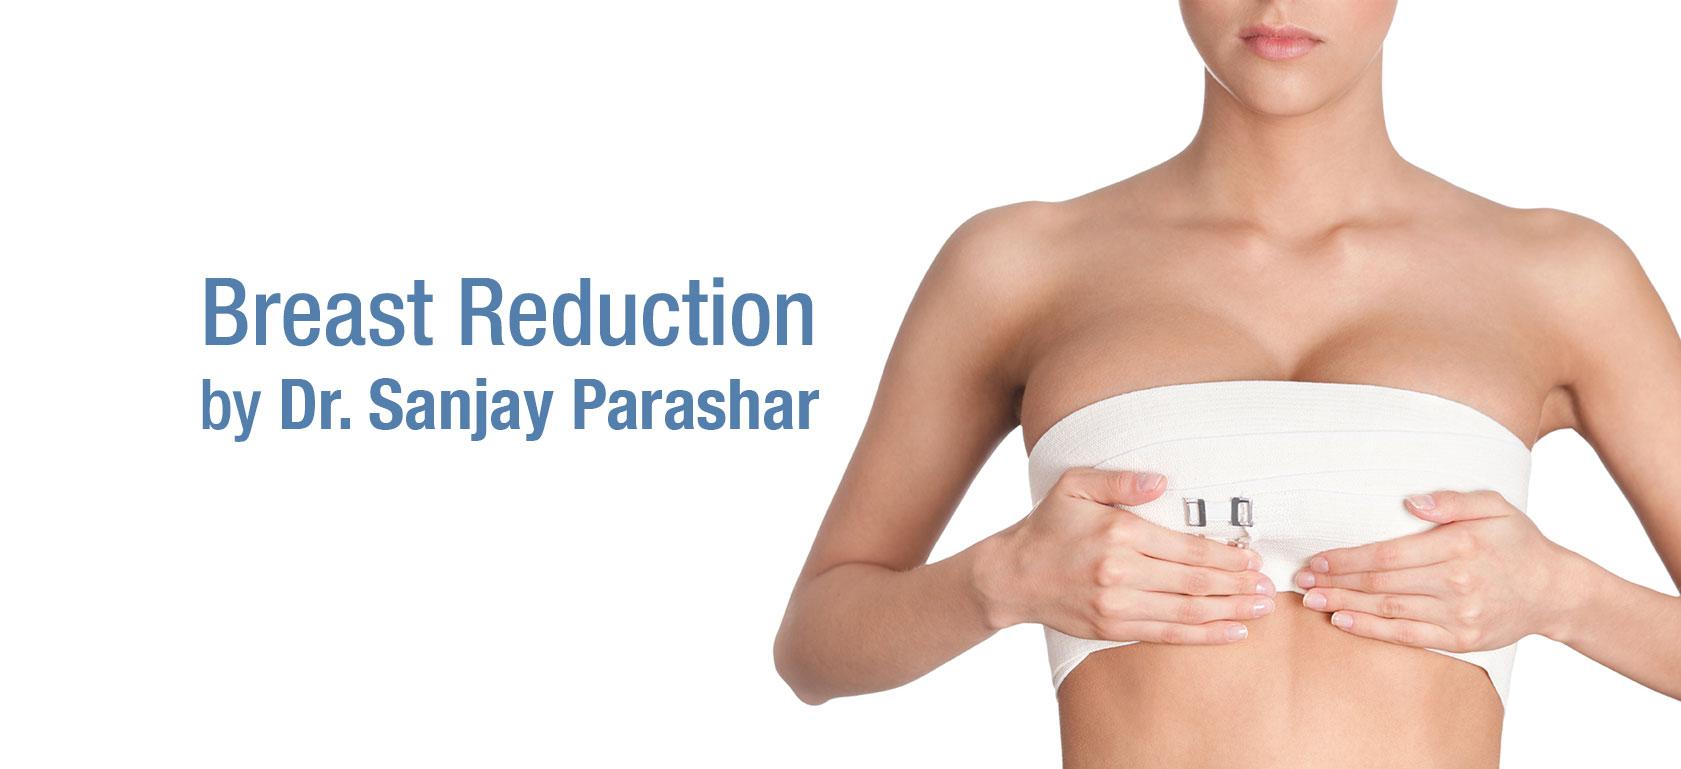 Breast Reduction Dubai - By Dr Sanjay Parashar